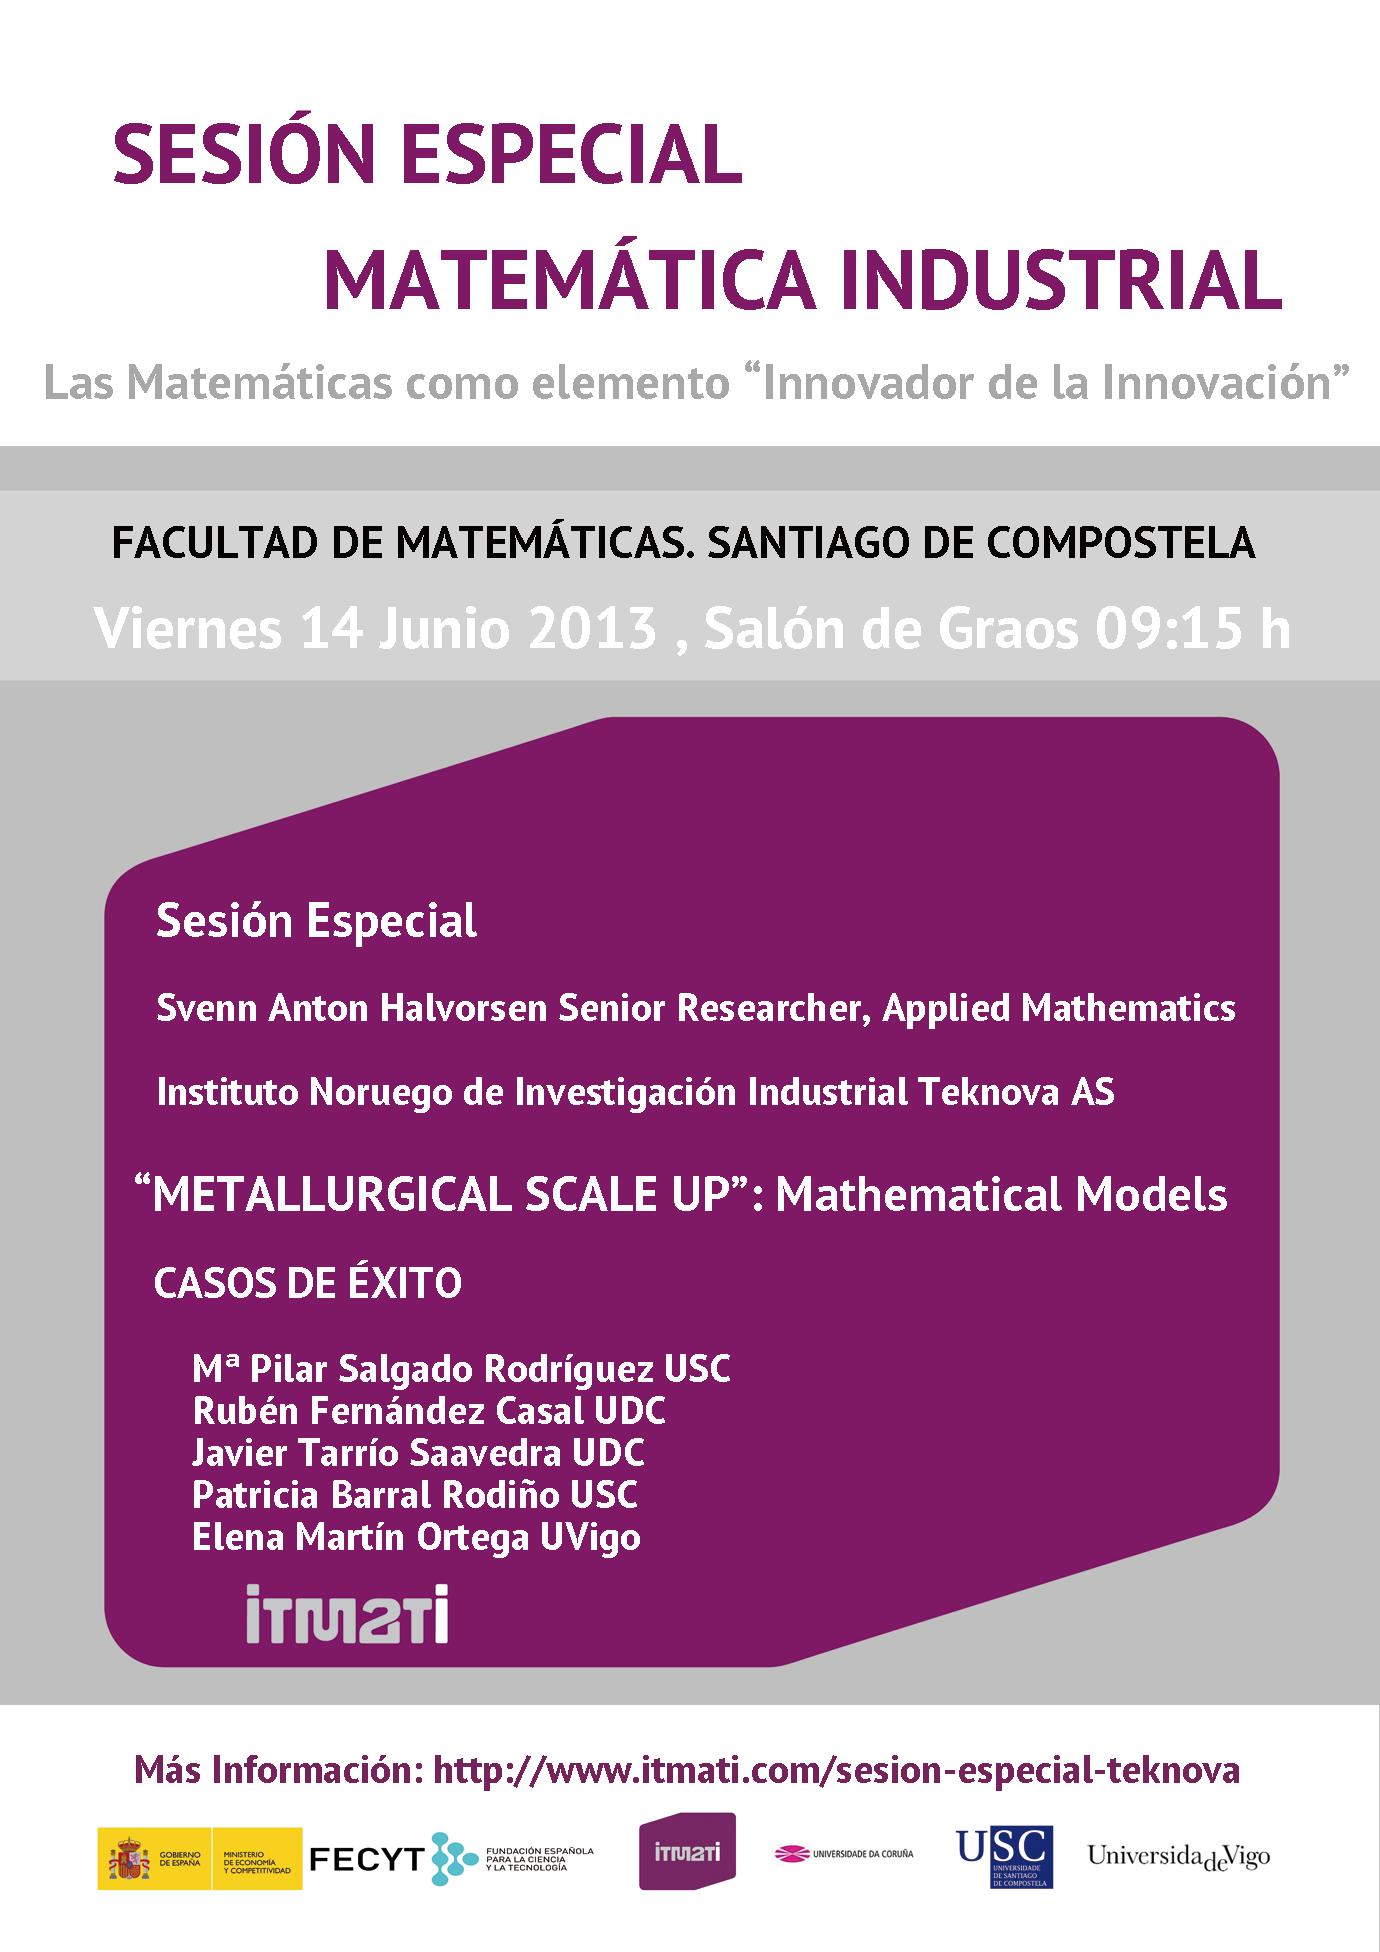 matematica industrial